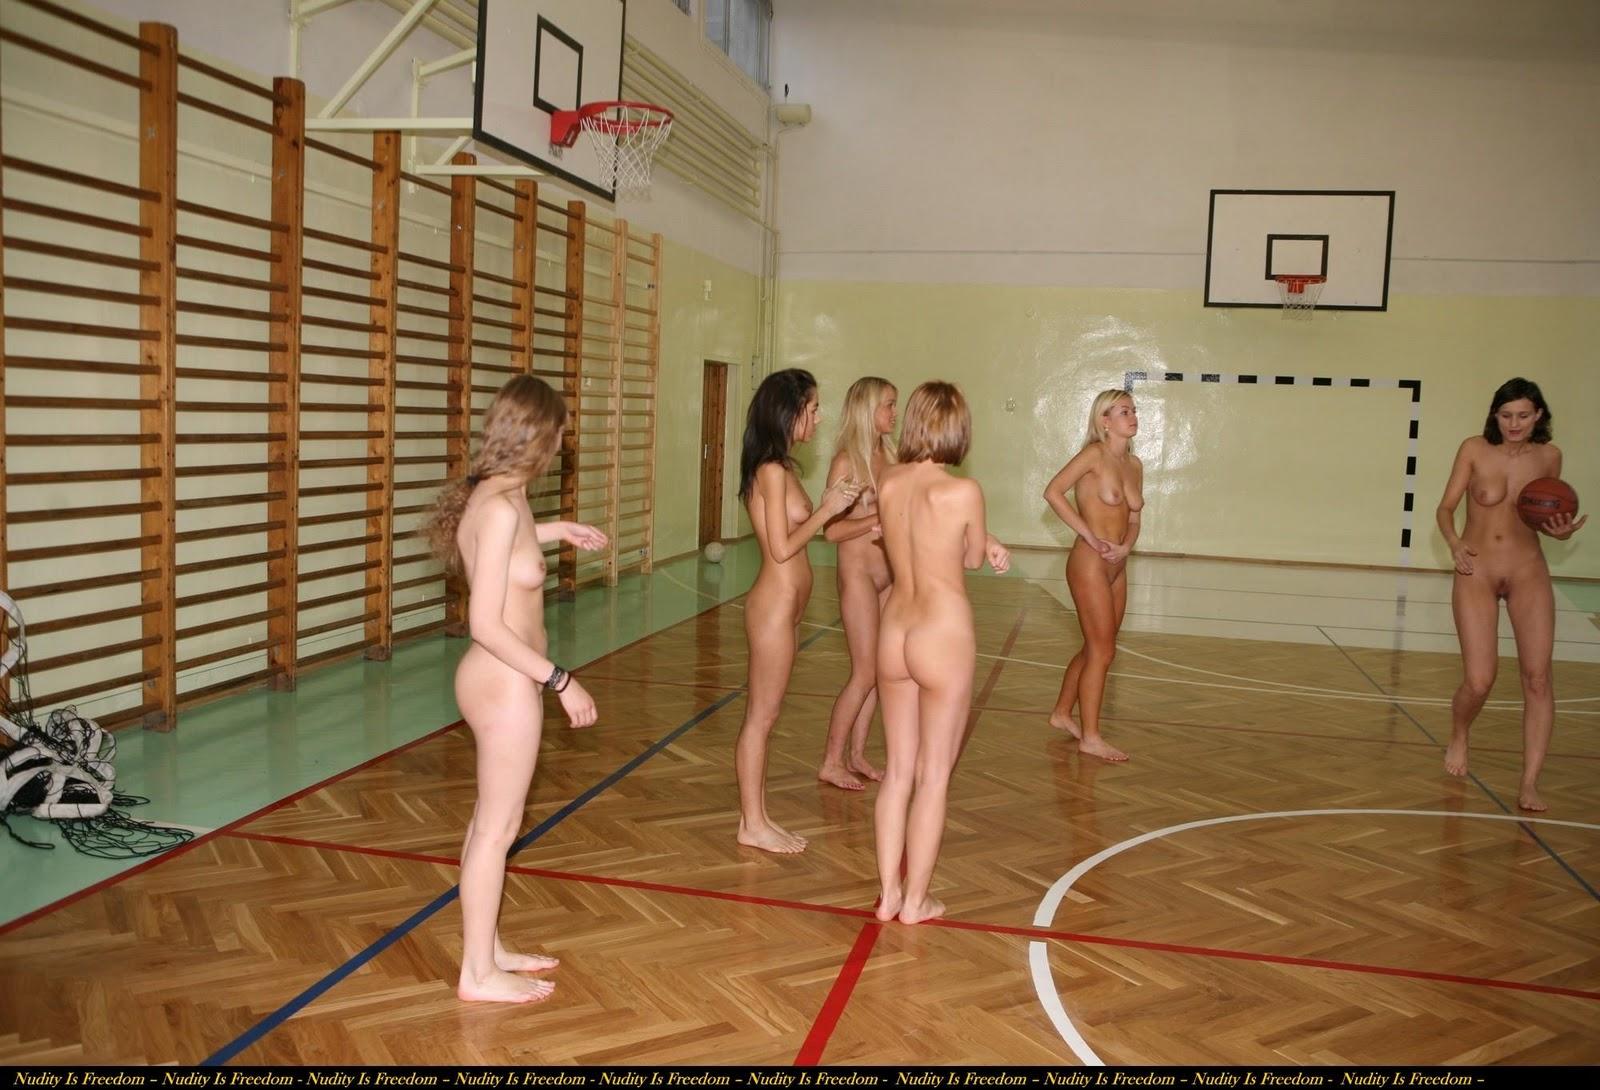 Naked Women S Basketball 27